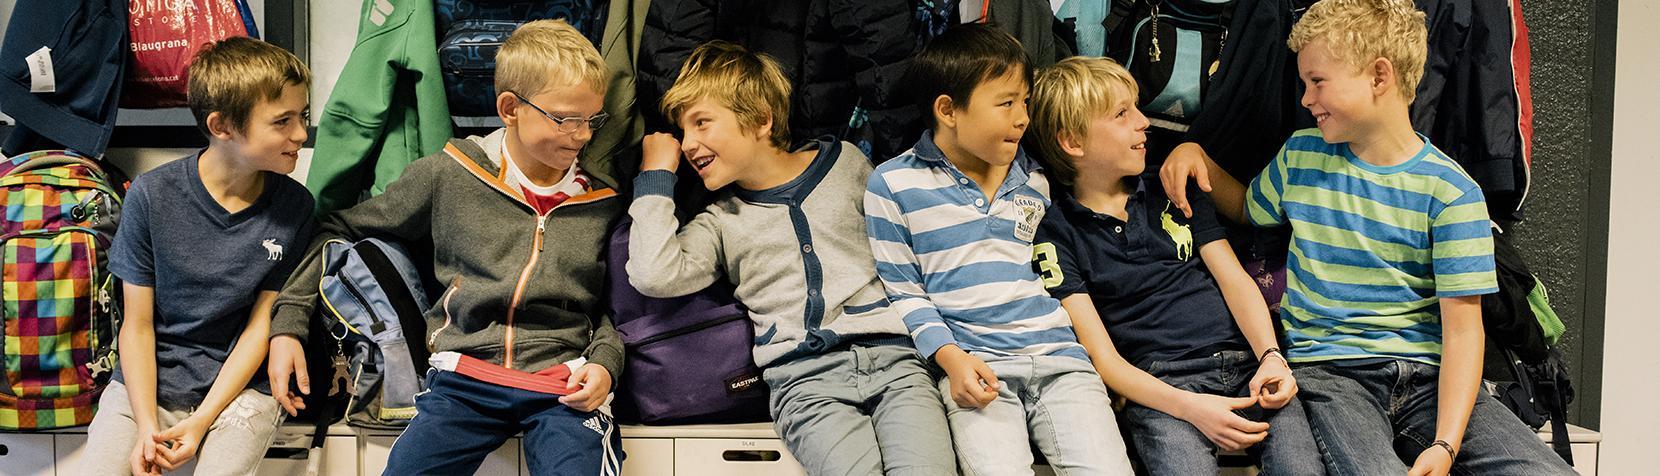 Drenge sidder i garberobe